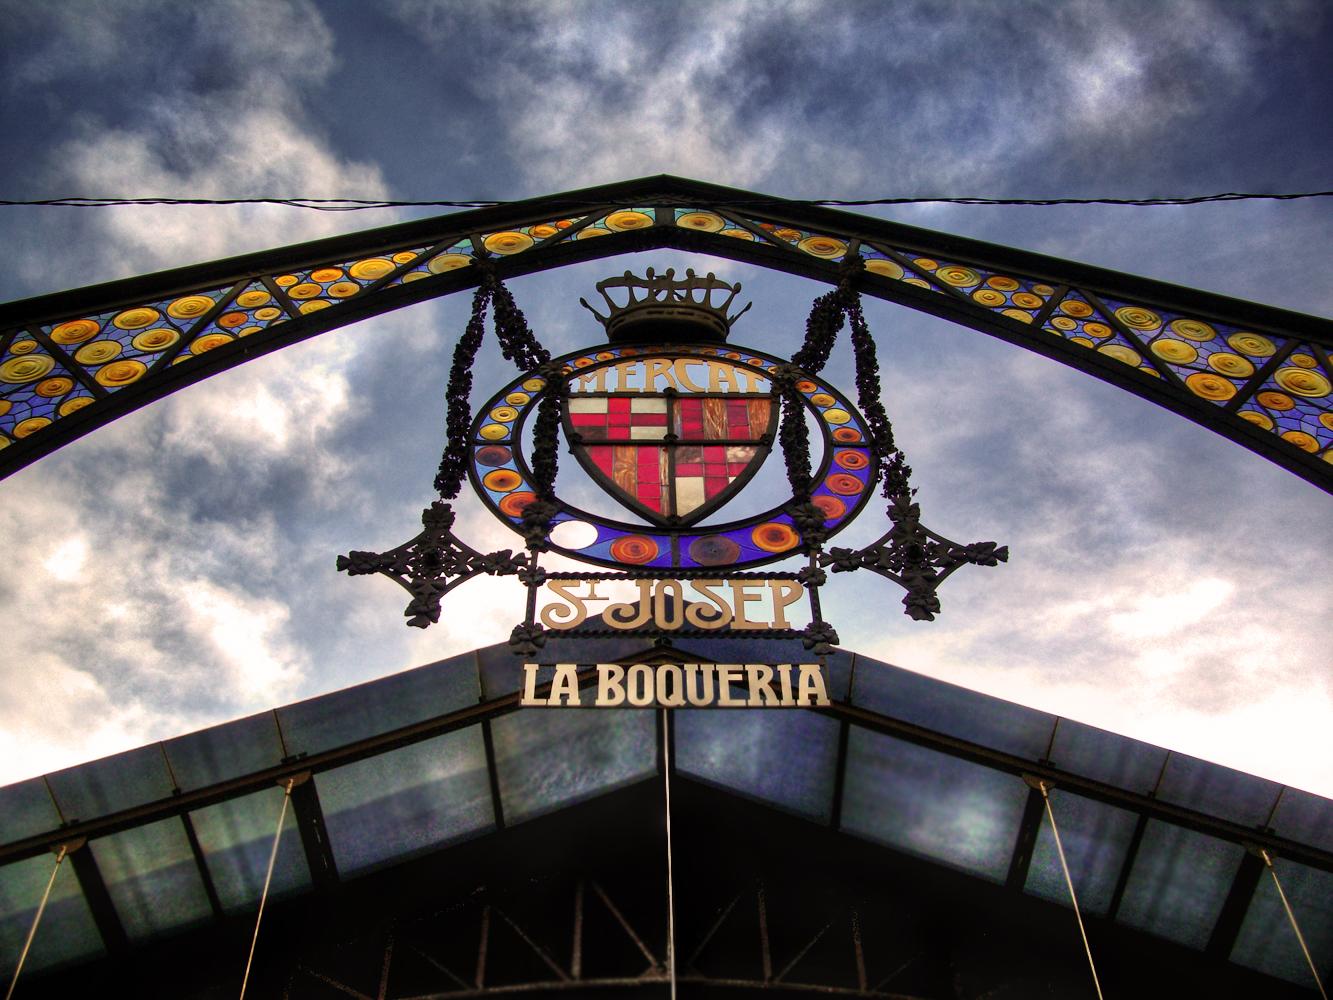 Los mercados de Barcelona la Boquería